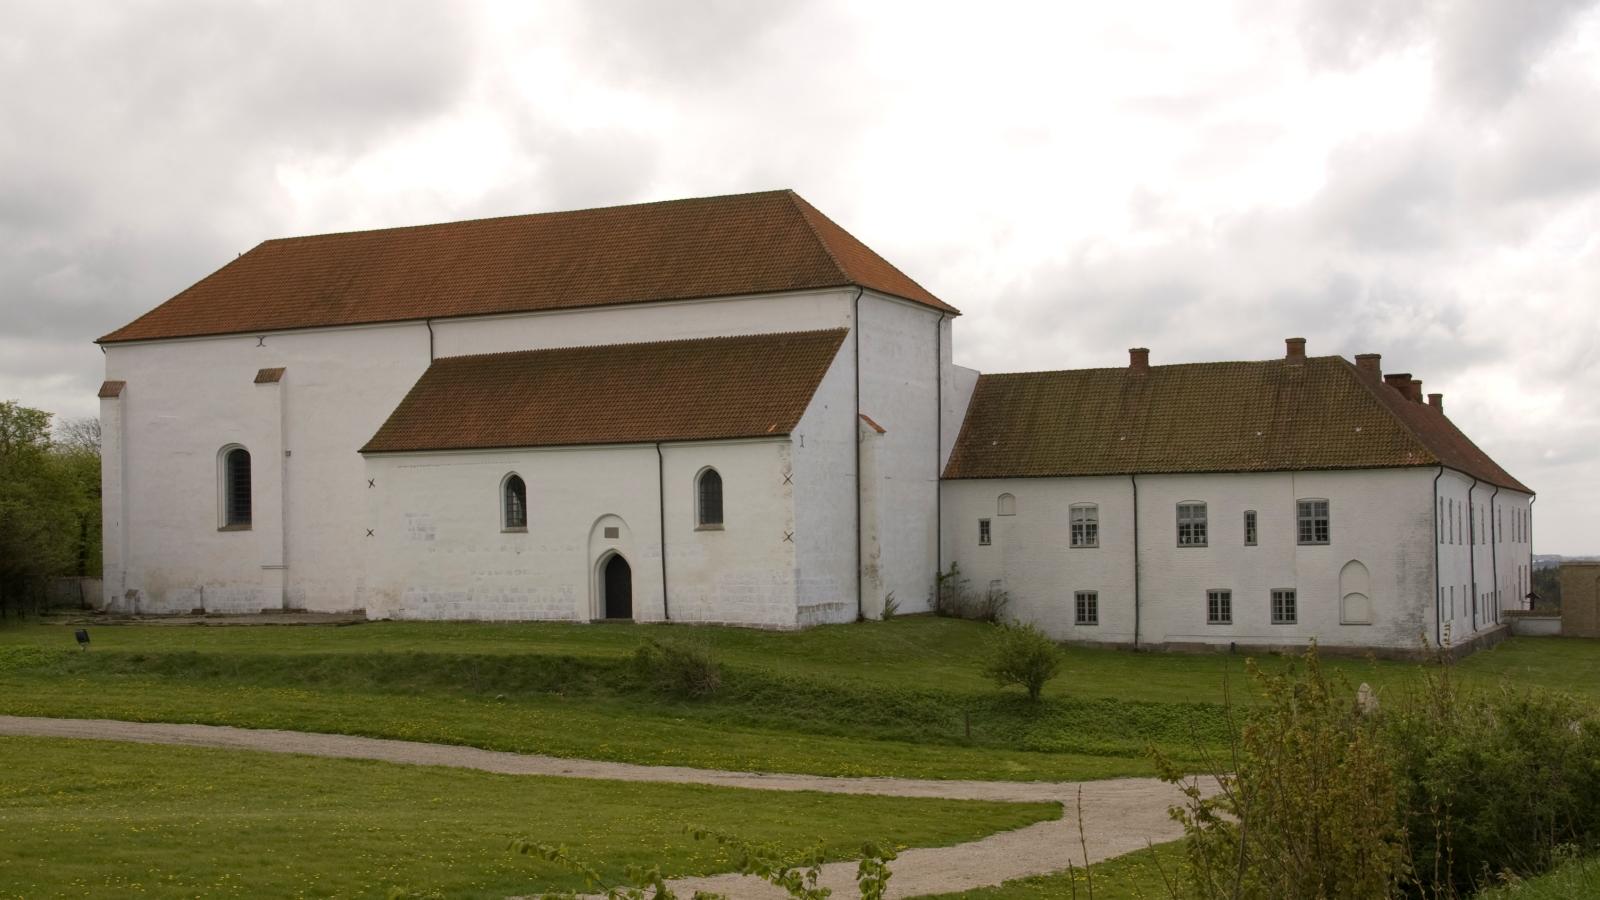 Boerglum Kloster 01